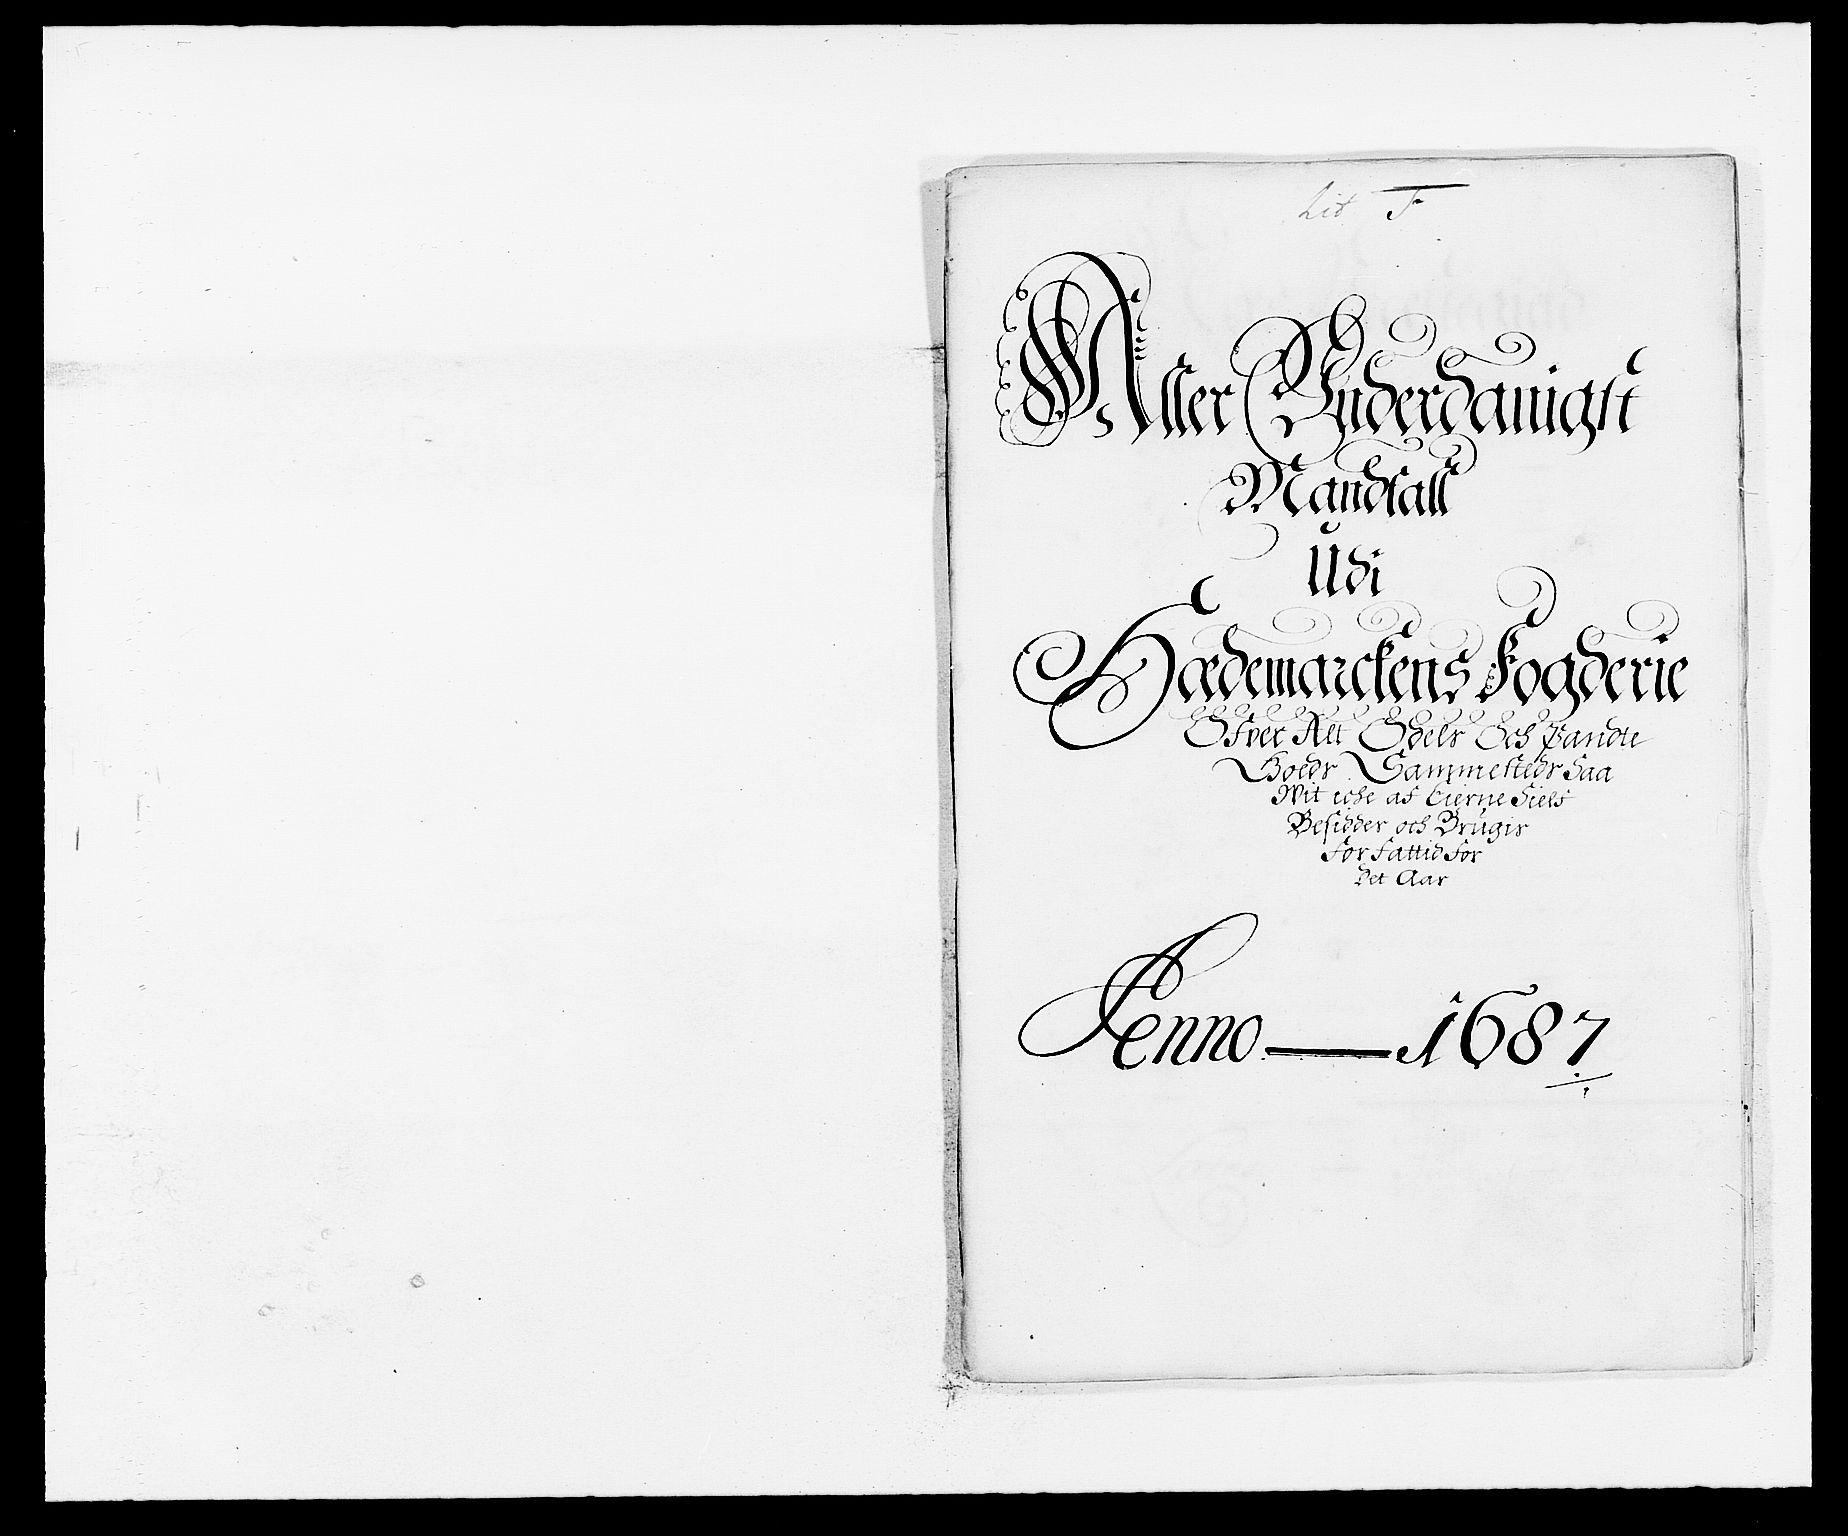 RA, Rentekammeret inntil 1814, Reviderte regnskaper, Fogderegnskap, R16/L1028: Fogderegnskap Hedmark, 1687, s. 81